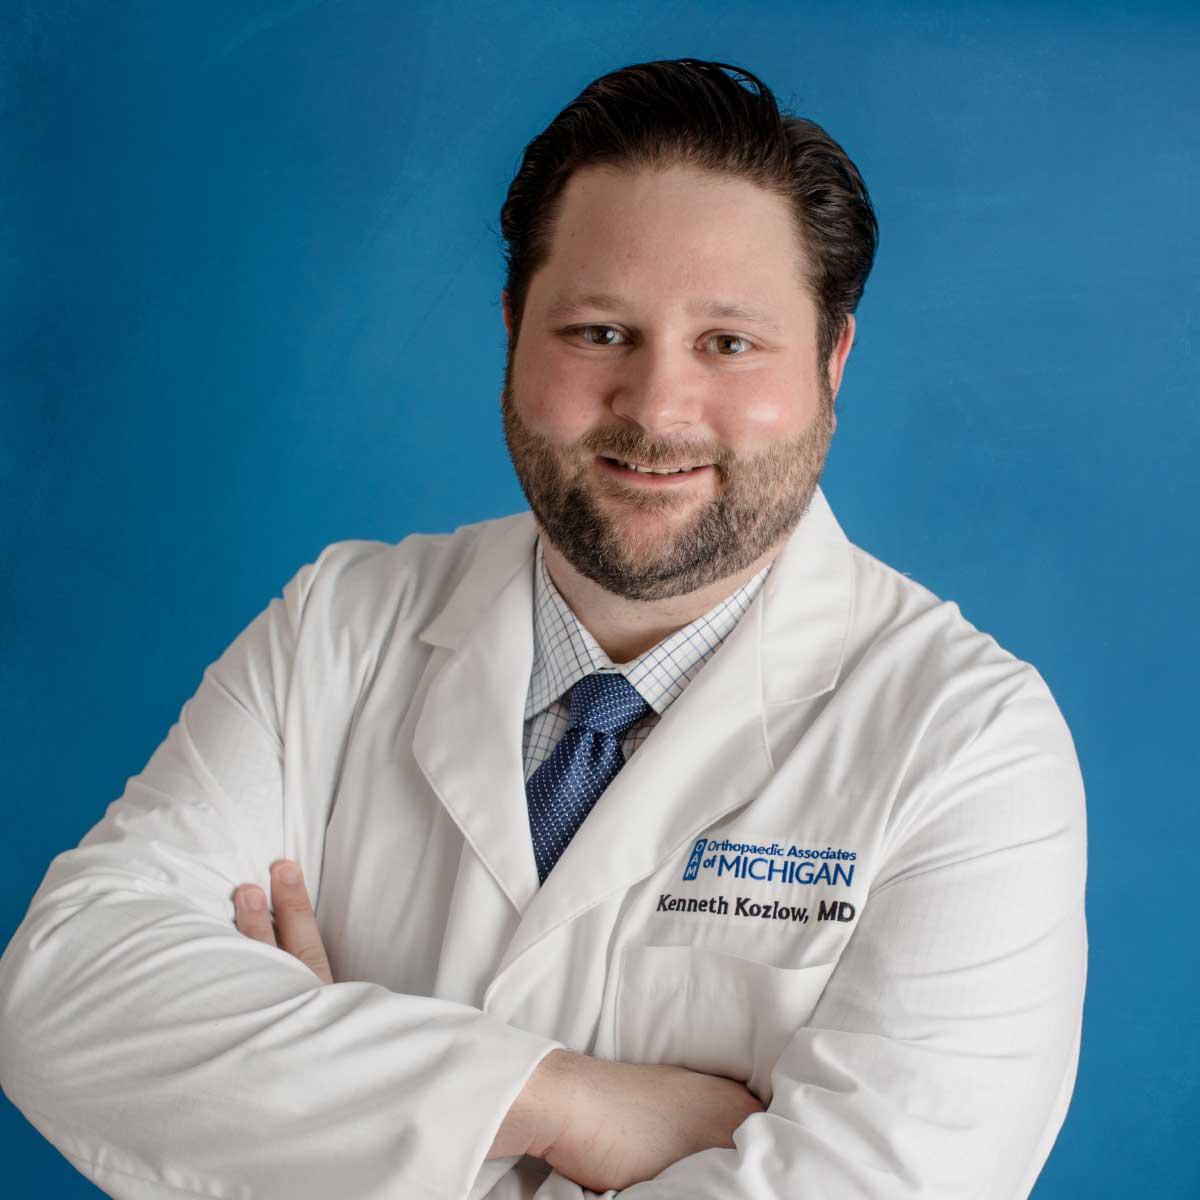 Kenneth Kozlow, MD